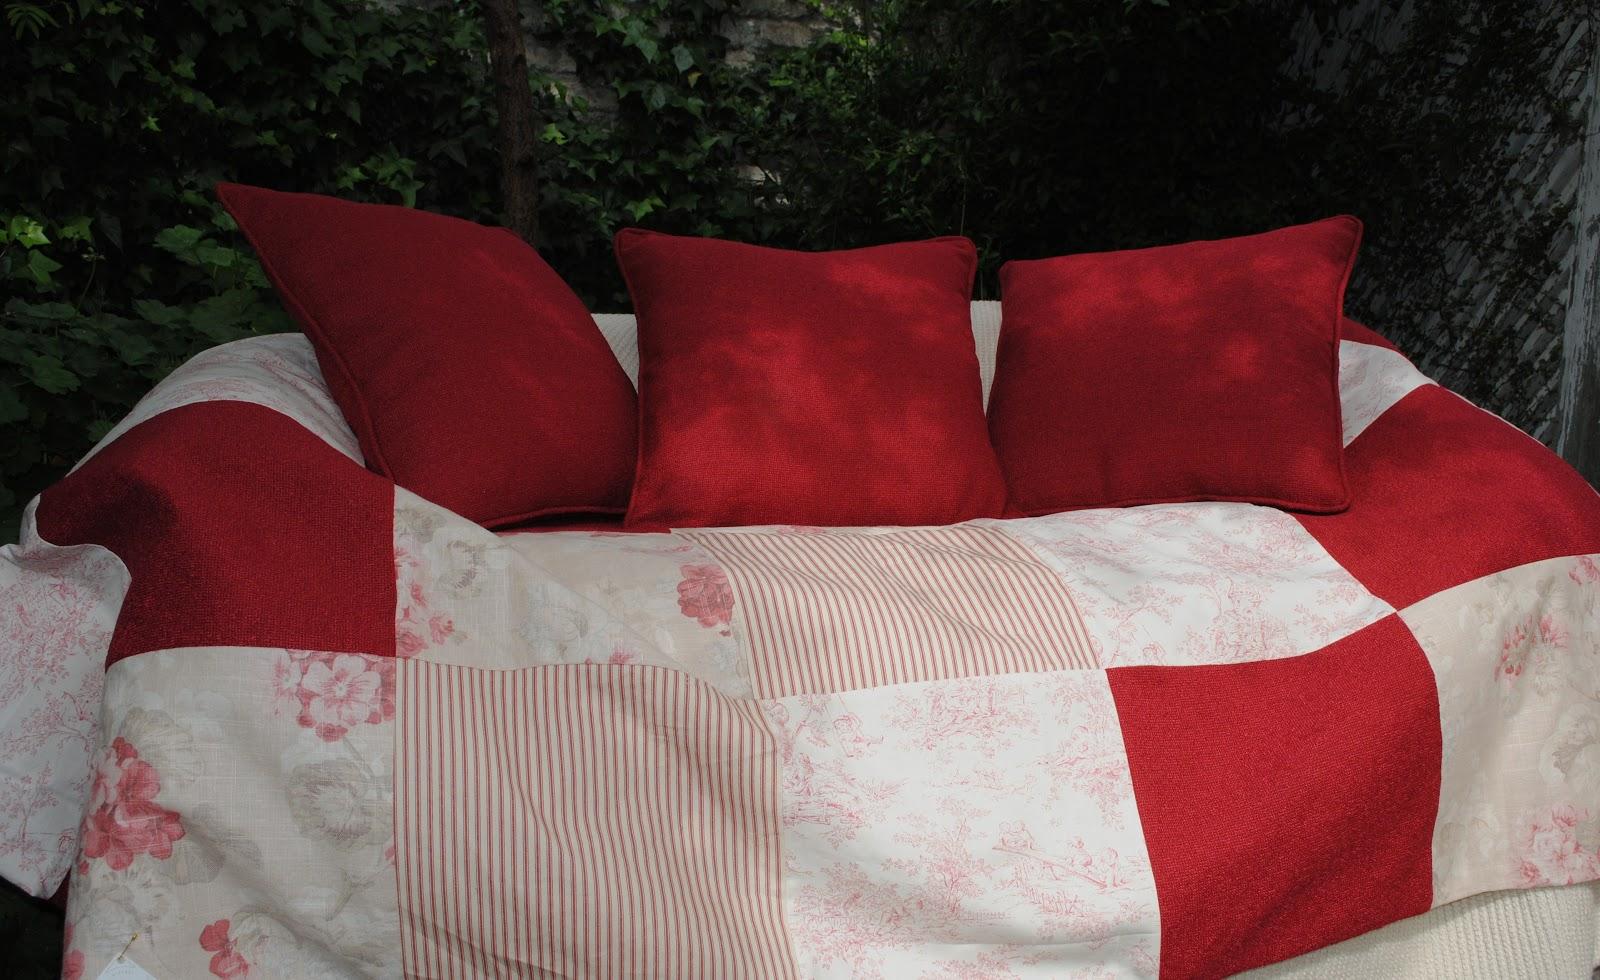 Paz montealegre decoraci n pieceras ropa de cama mantas - Cojines para cama ...